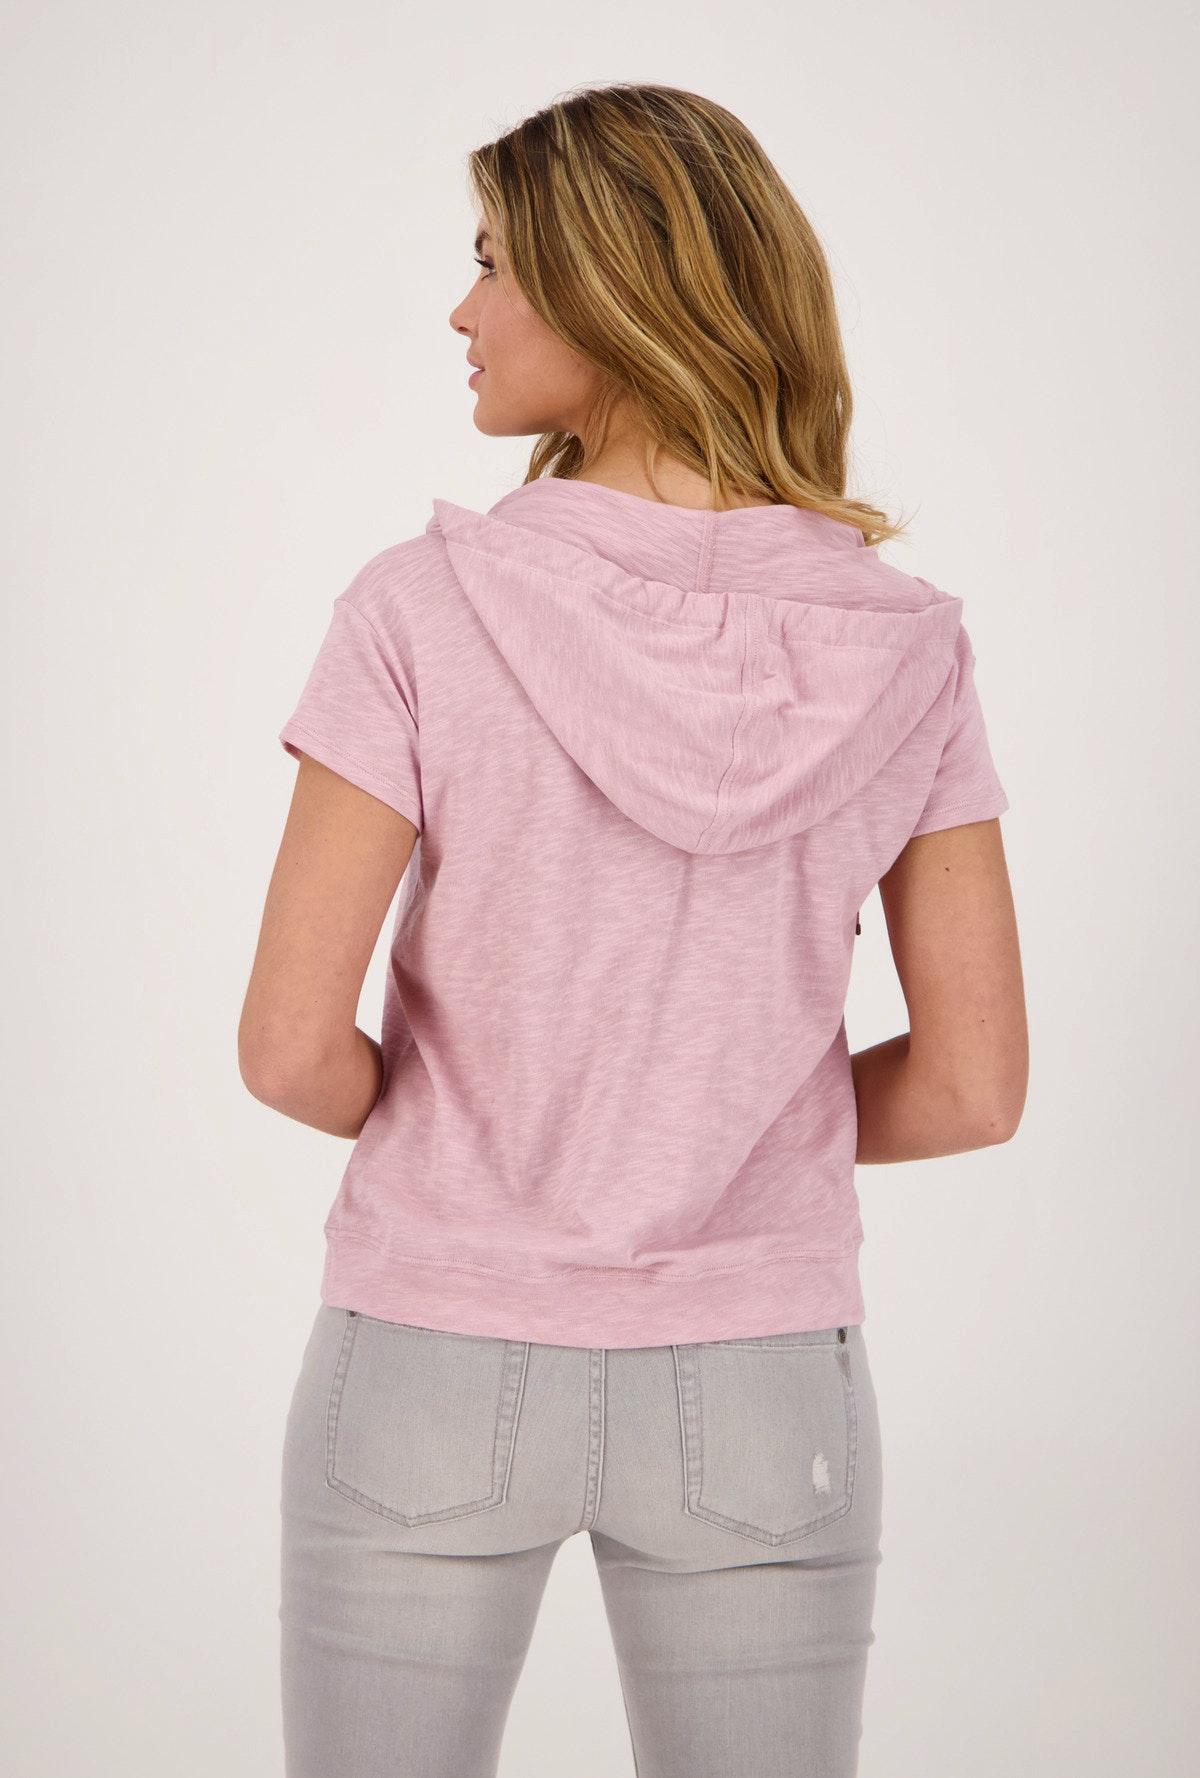 Monari Shirt Miami